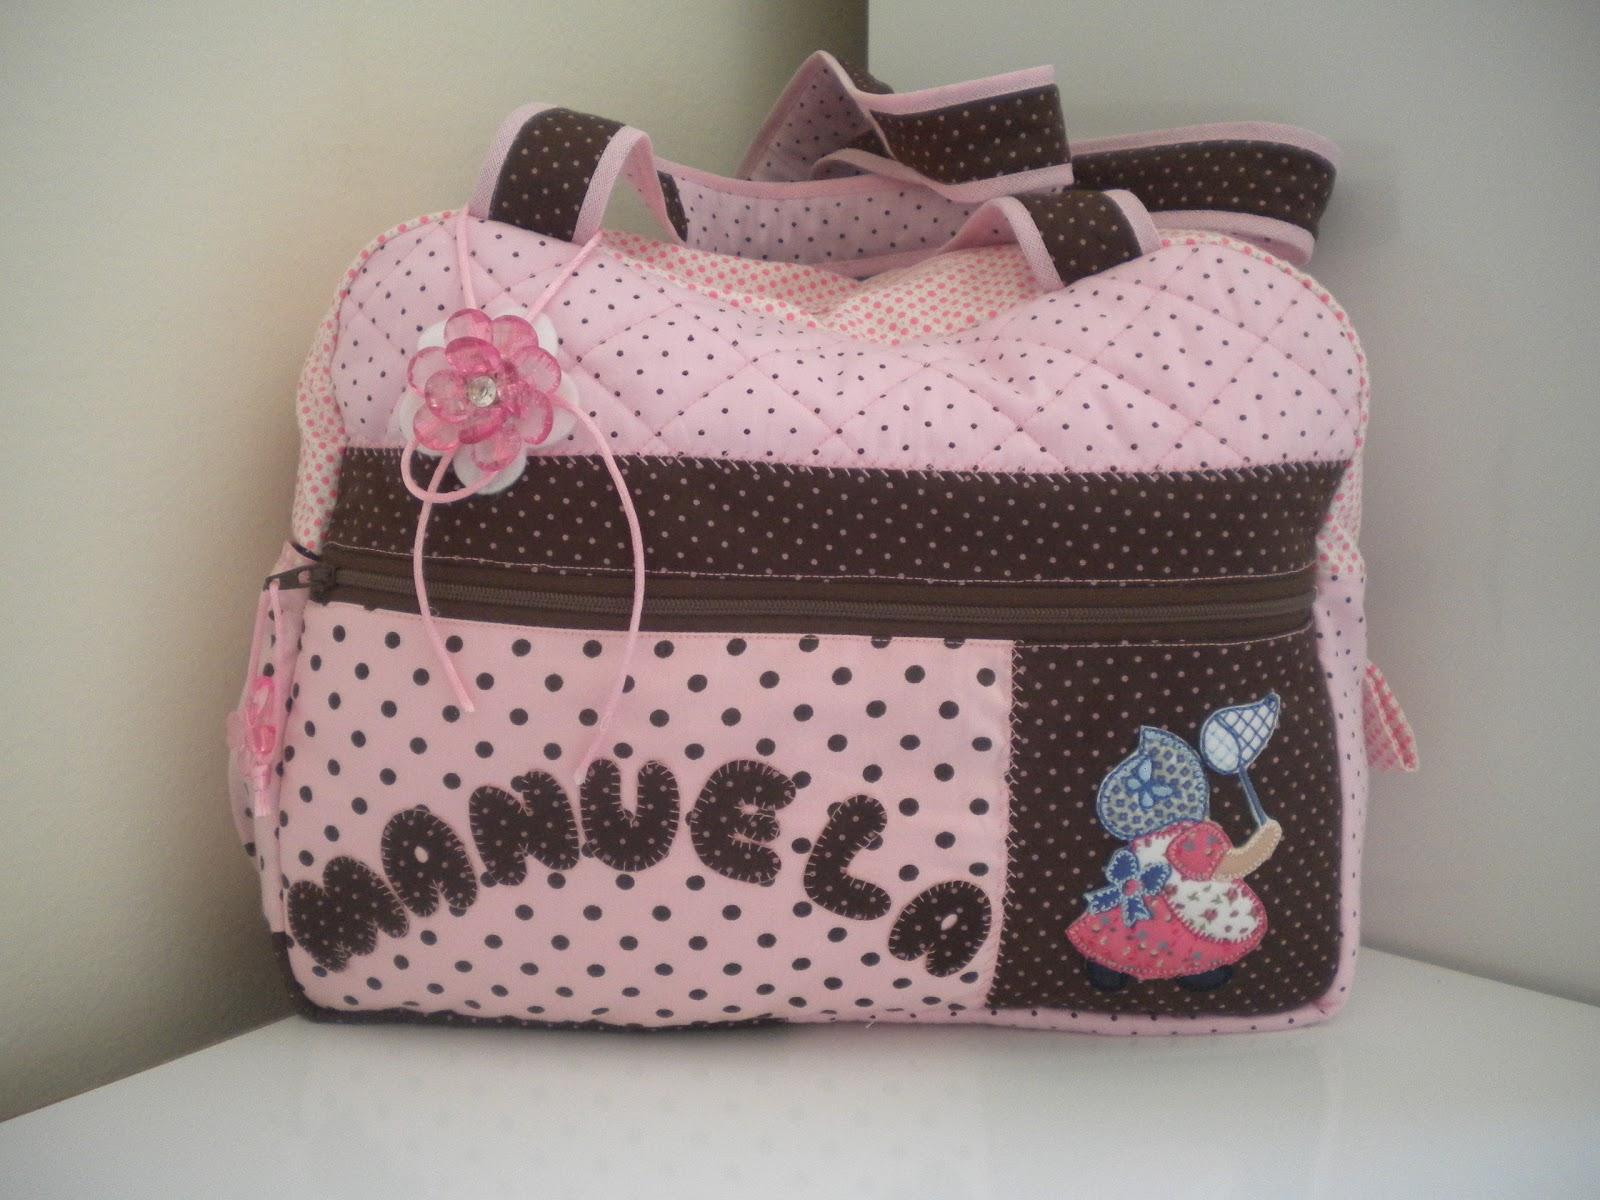 Bolsa De Tecido Bebe : Camila kezo patchwork bolsas para beb? personalizadas